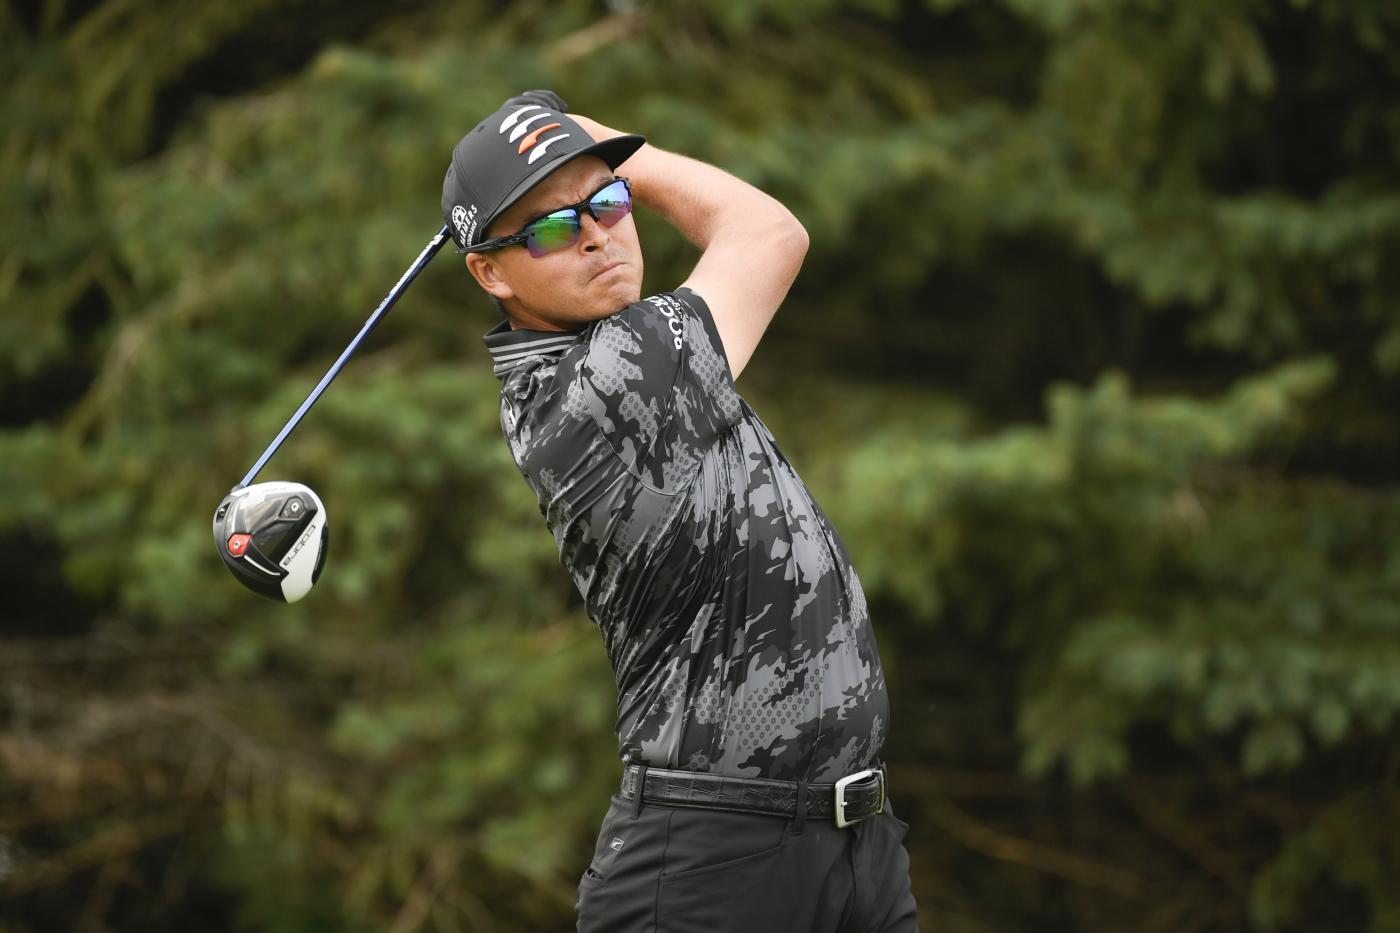 Golf: Rickie Fowler al comando della CJ Cup a 18 buche dalla fine. Secondo Rory McIlroy con un grande giro